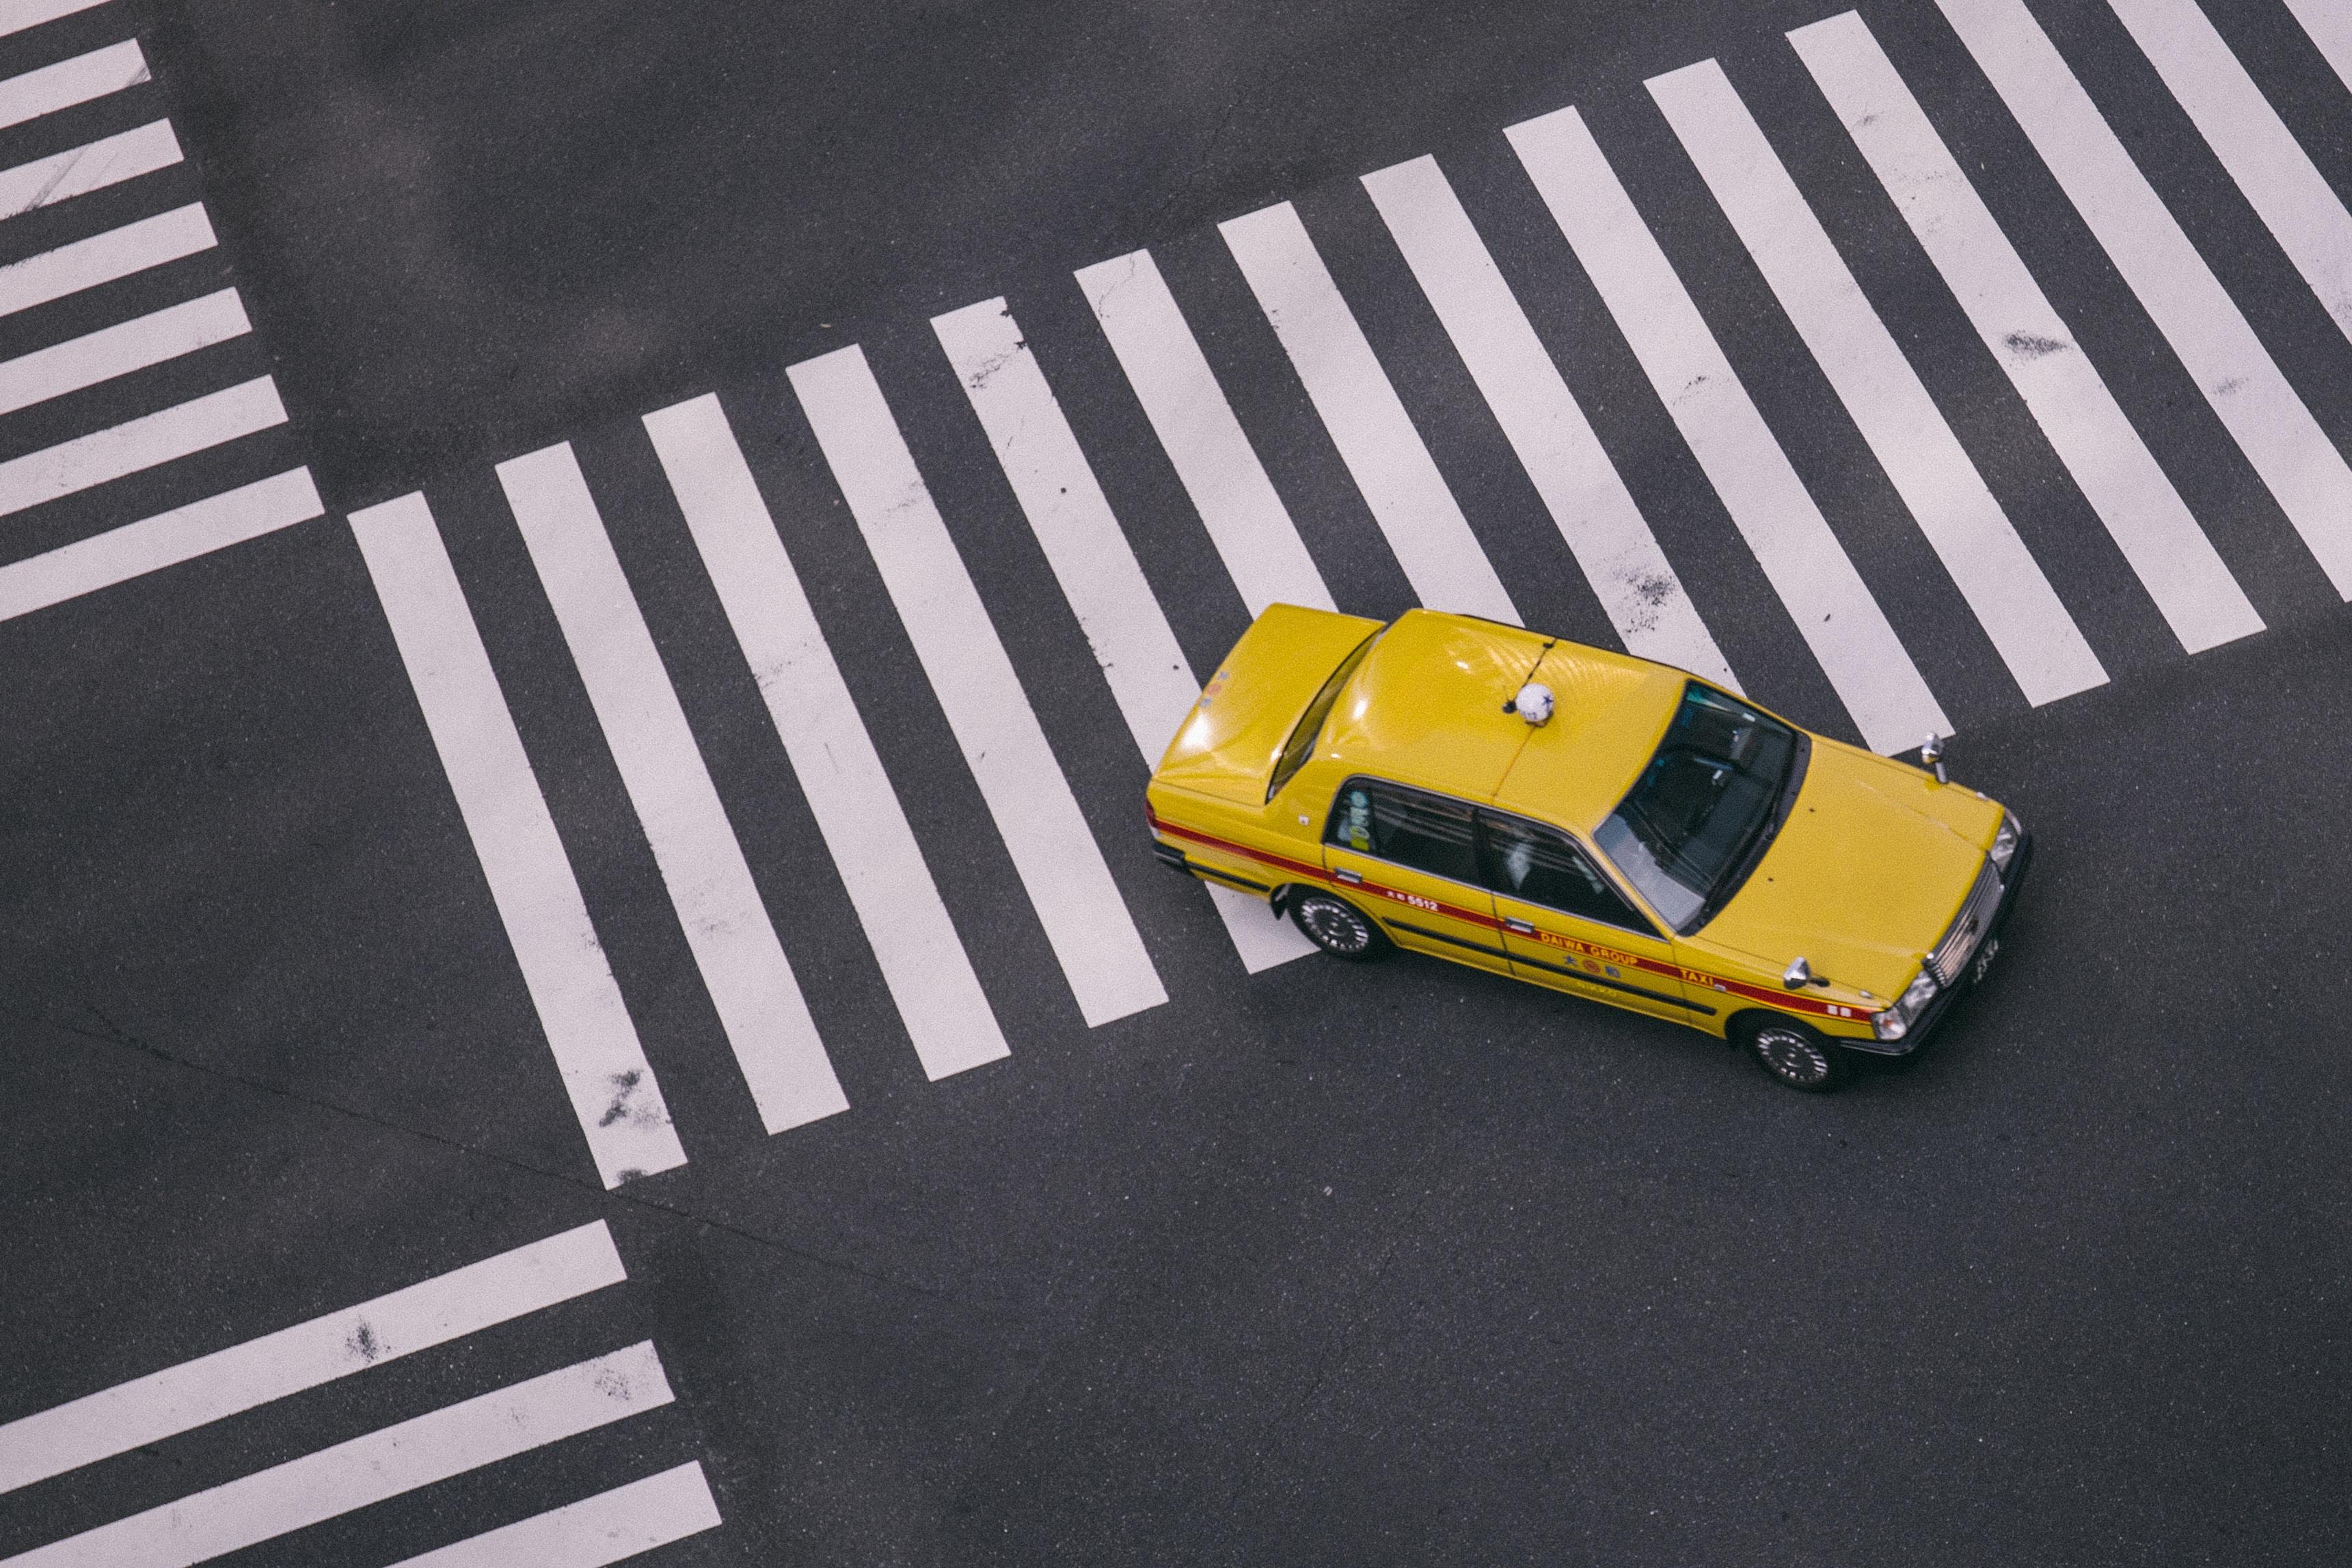 交通事故は最も死亡の多い事故